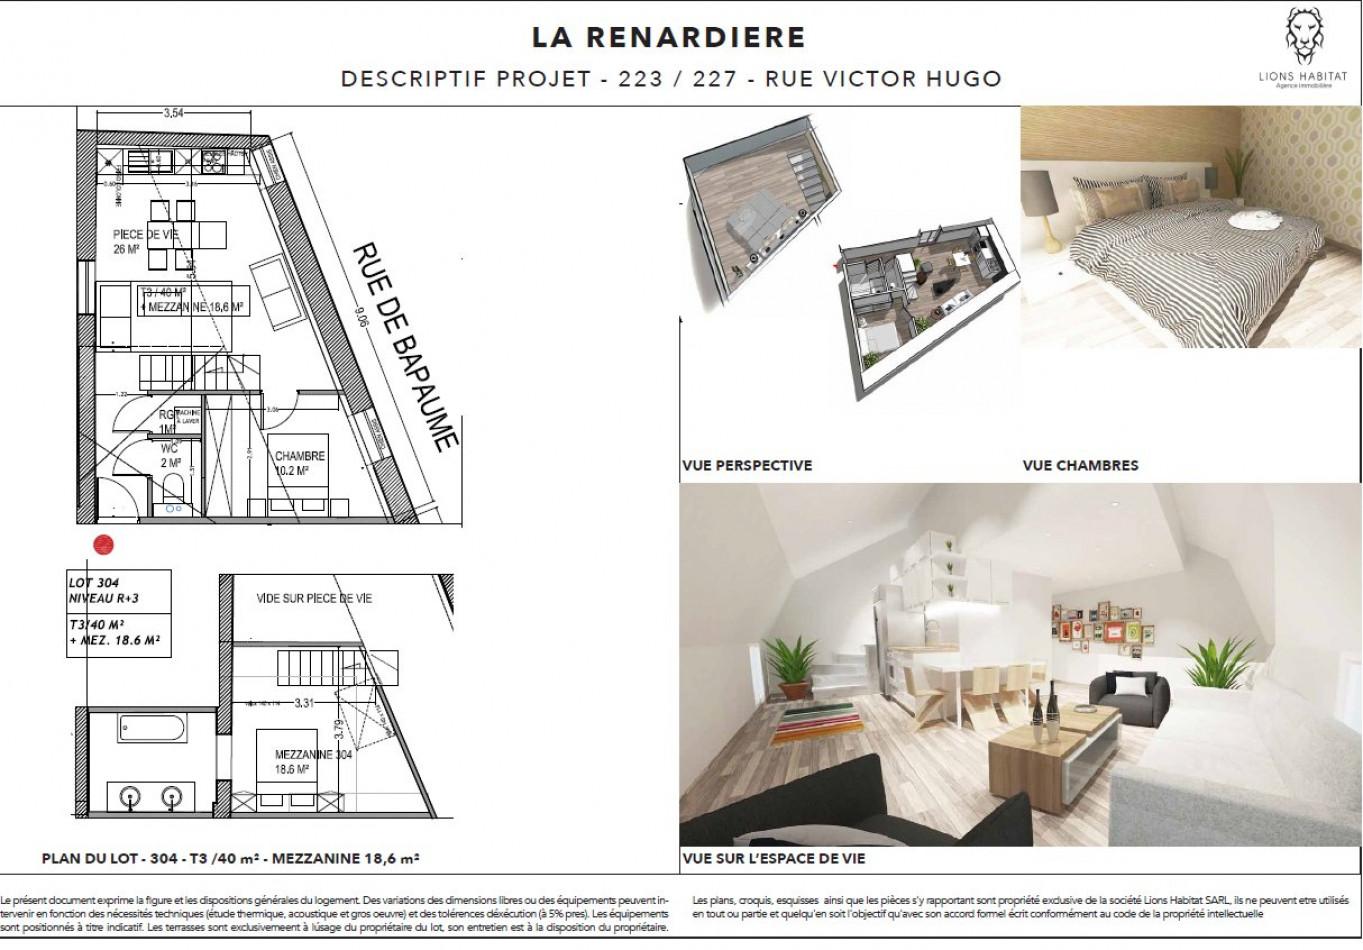 A vendre Lille 5901451 Lions habitat